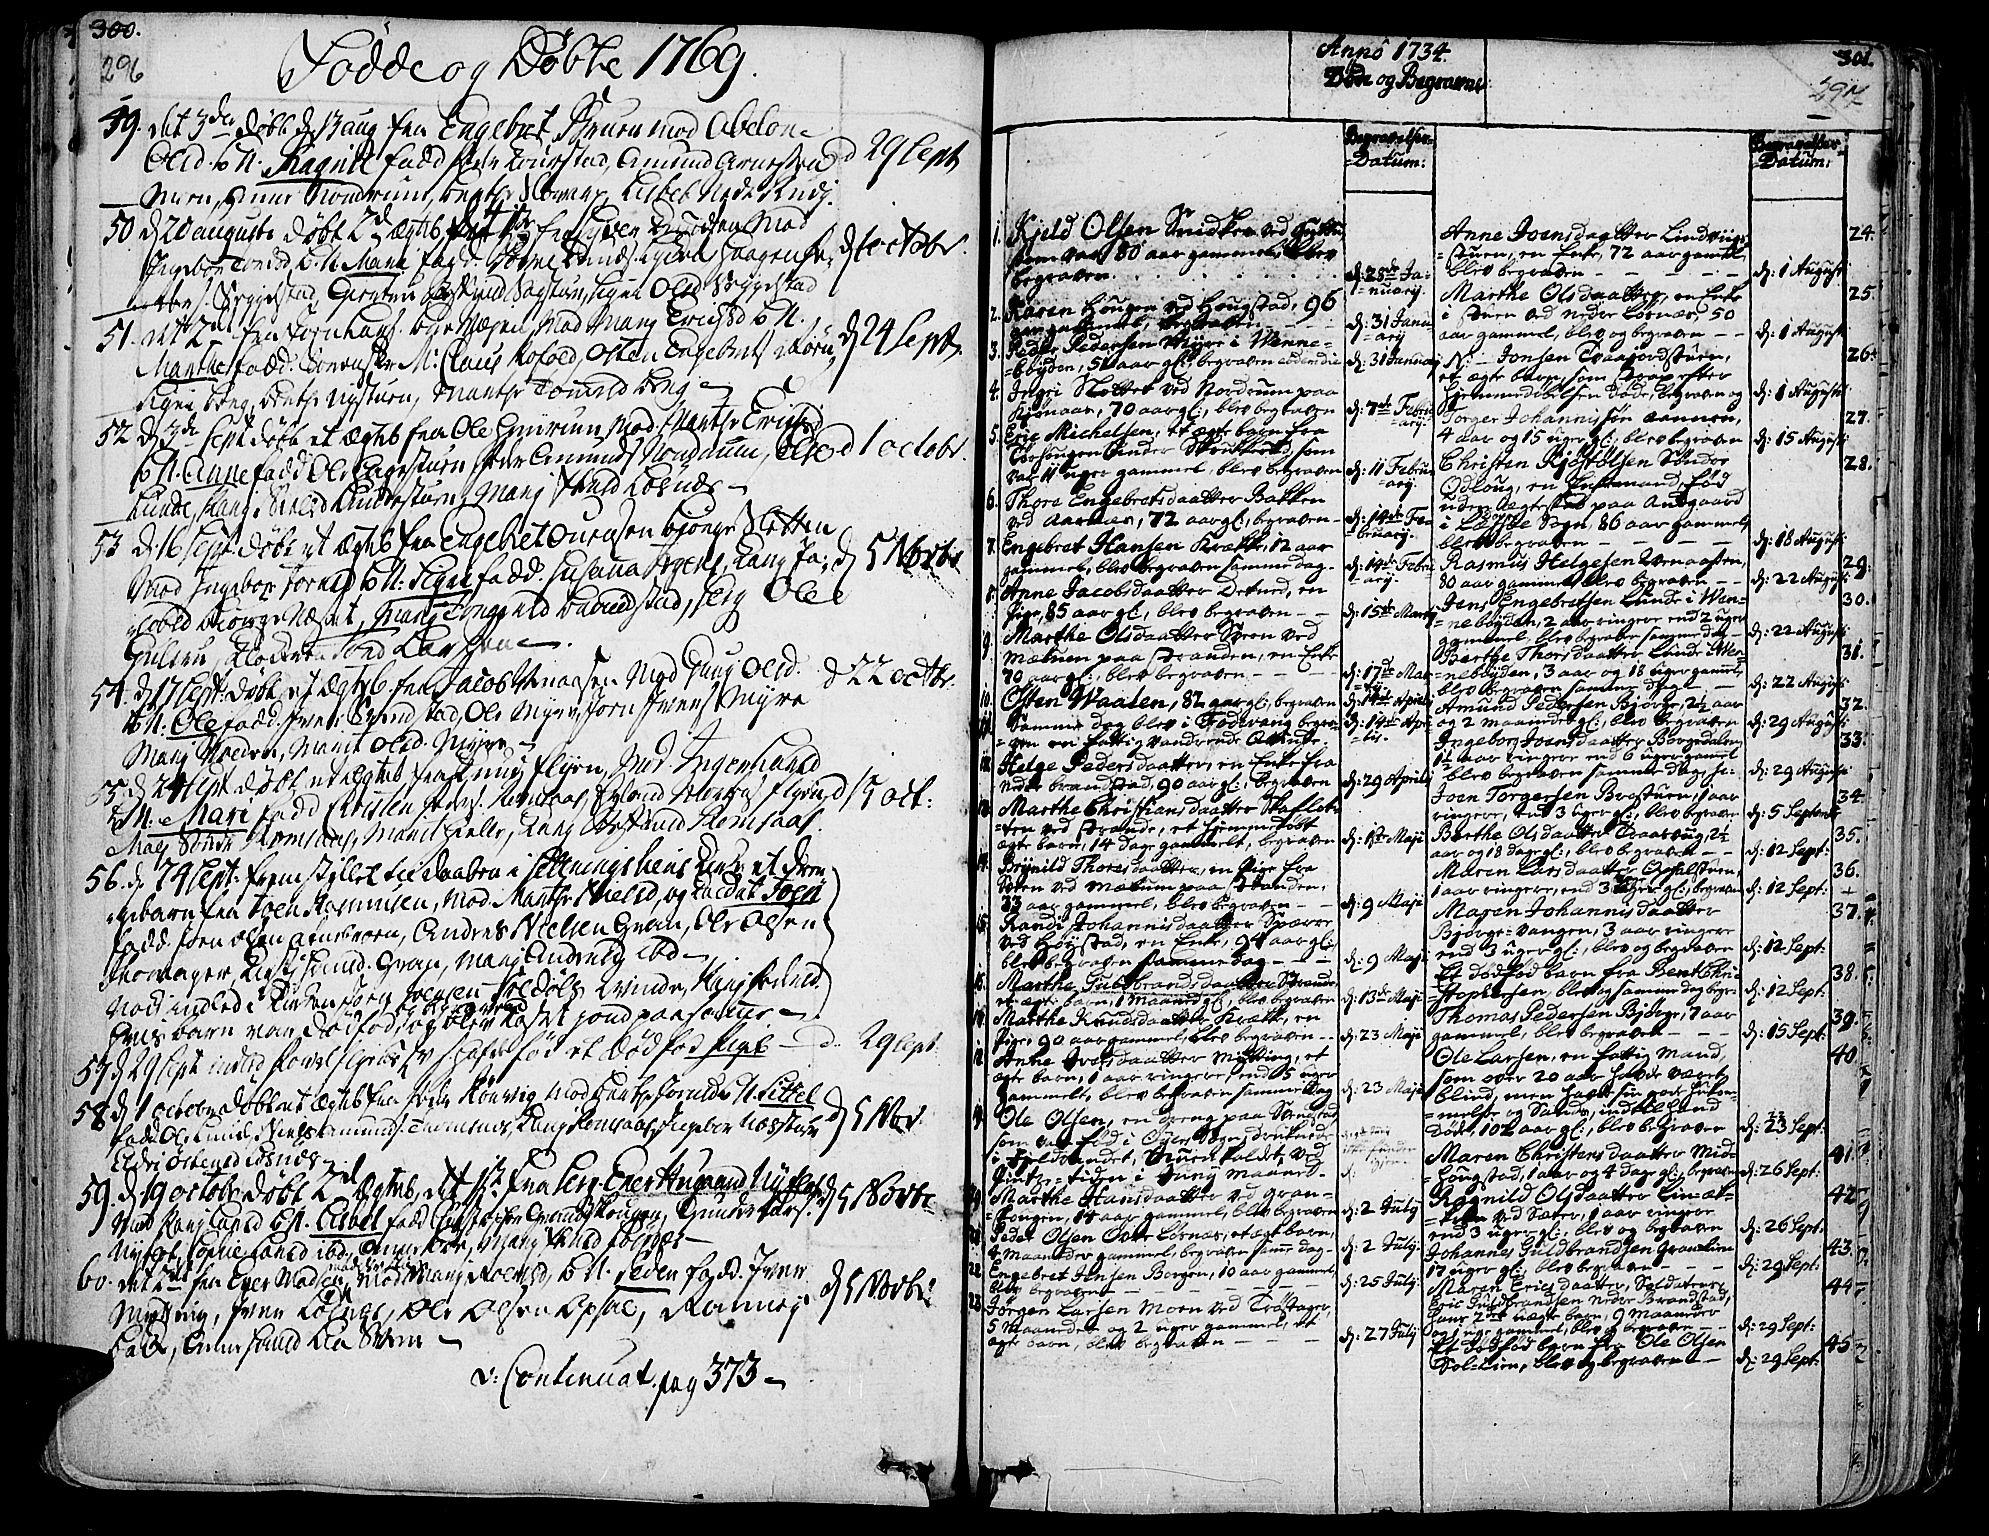 SAH, Ringebu prestekontor, Parish register (official) no. 2, 1734-1780, p. 296-297